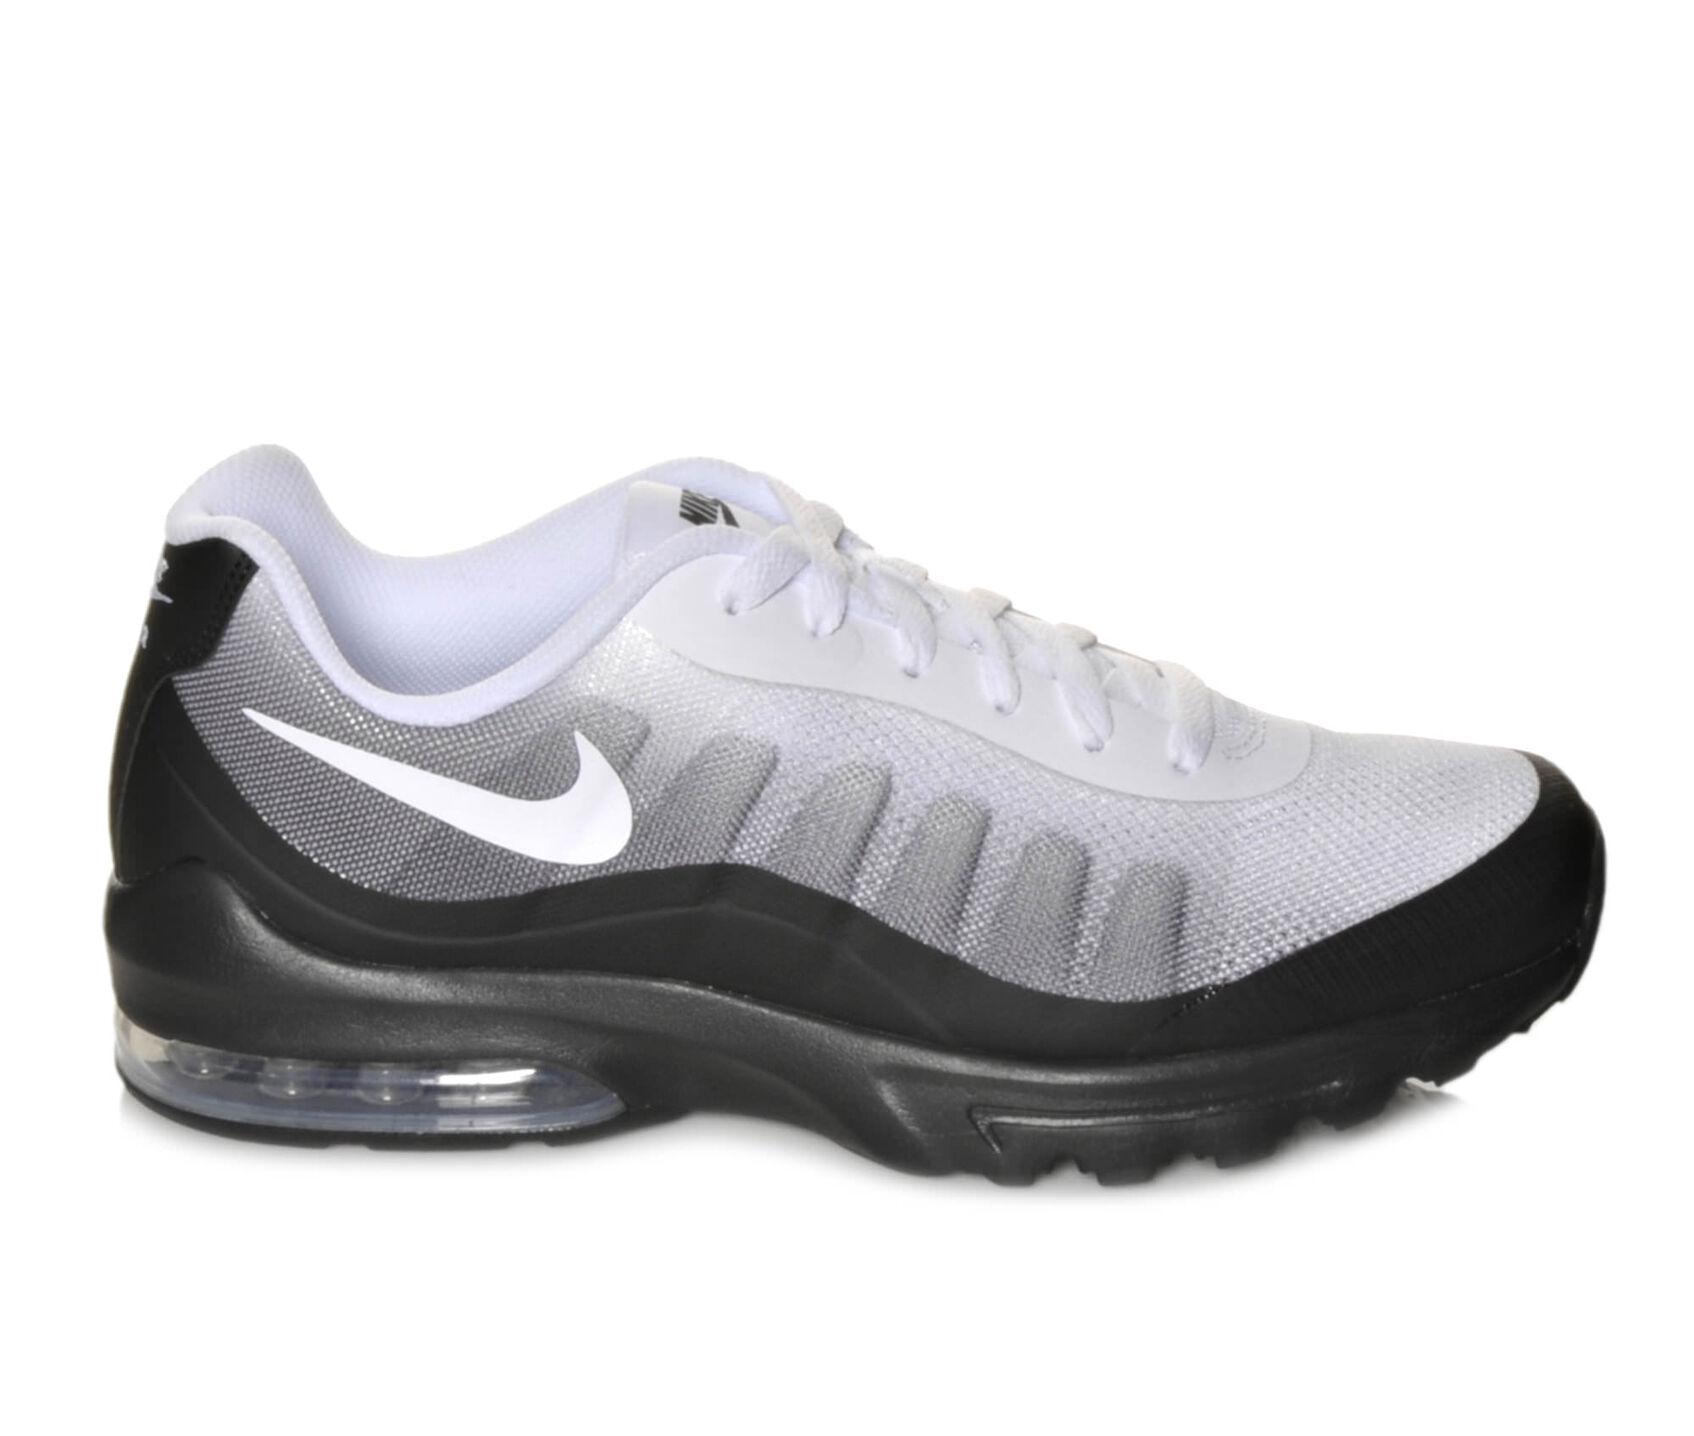 c9b65120364a ... Men s Nike Air Max Invigor Print Athletic Sneakers Shoe Carnival ...